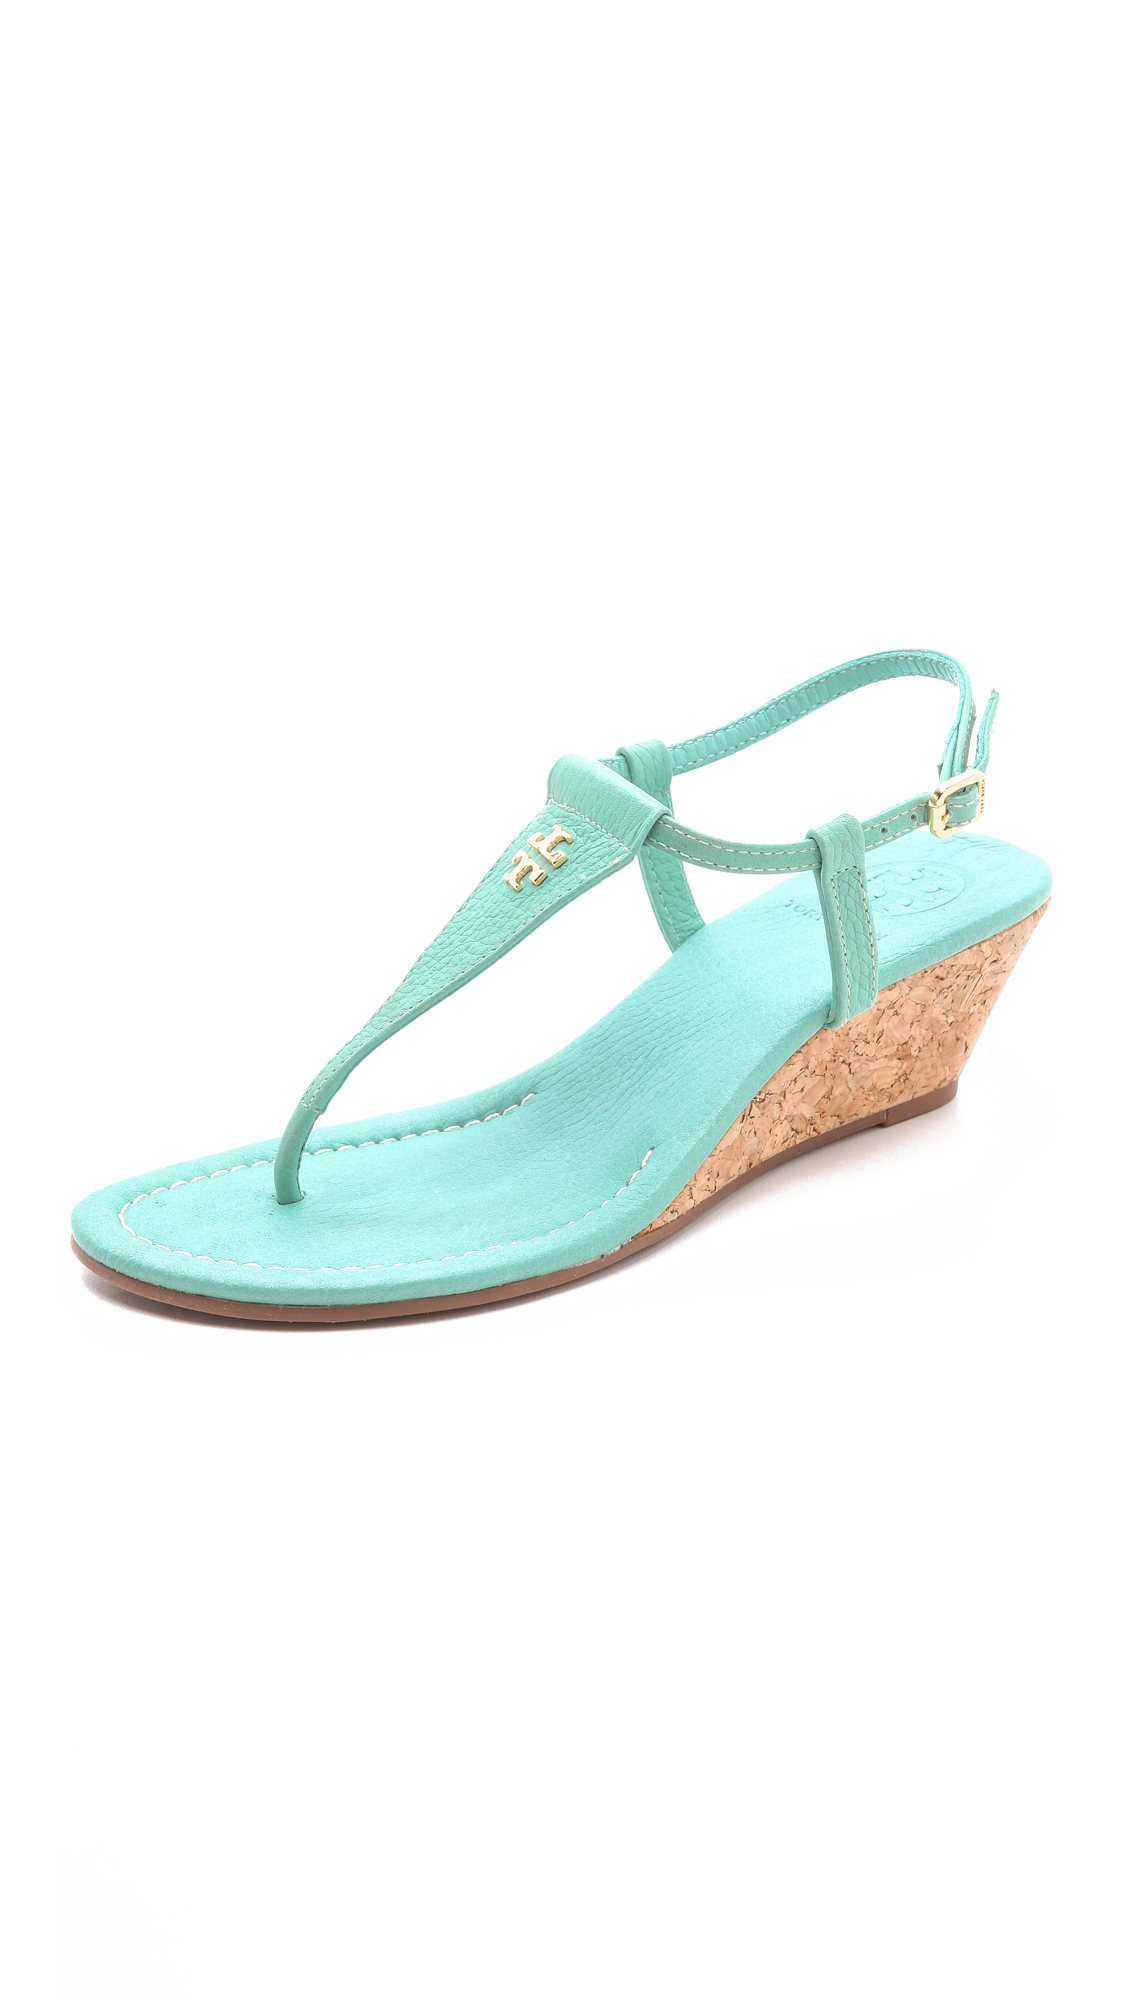 burch britton wedge sandals in green mint lyst